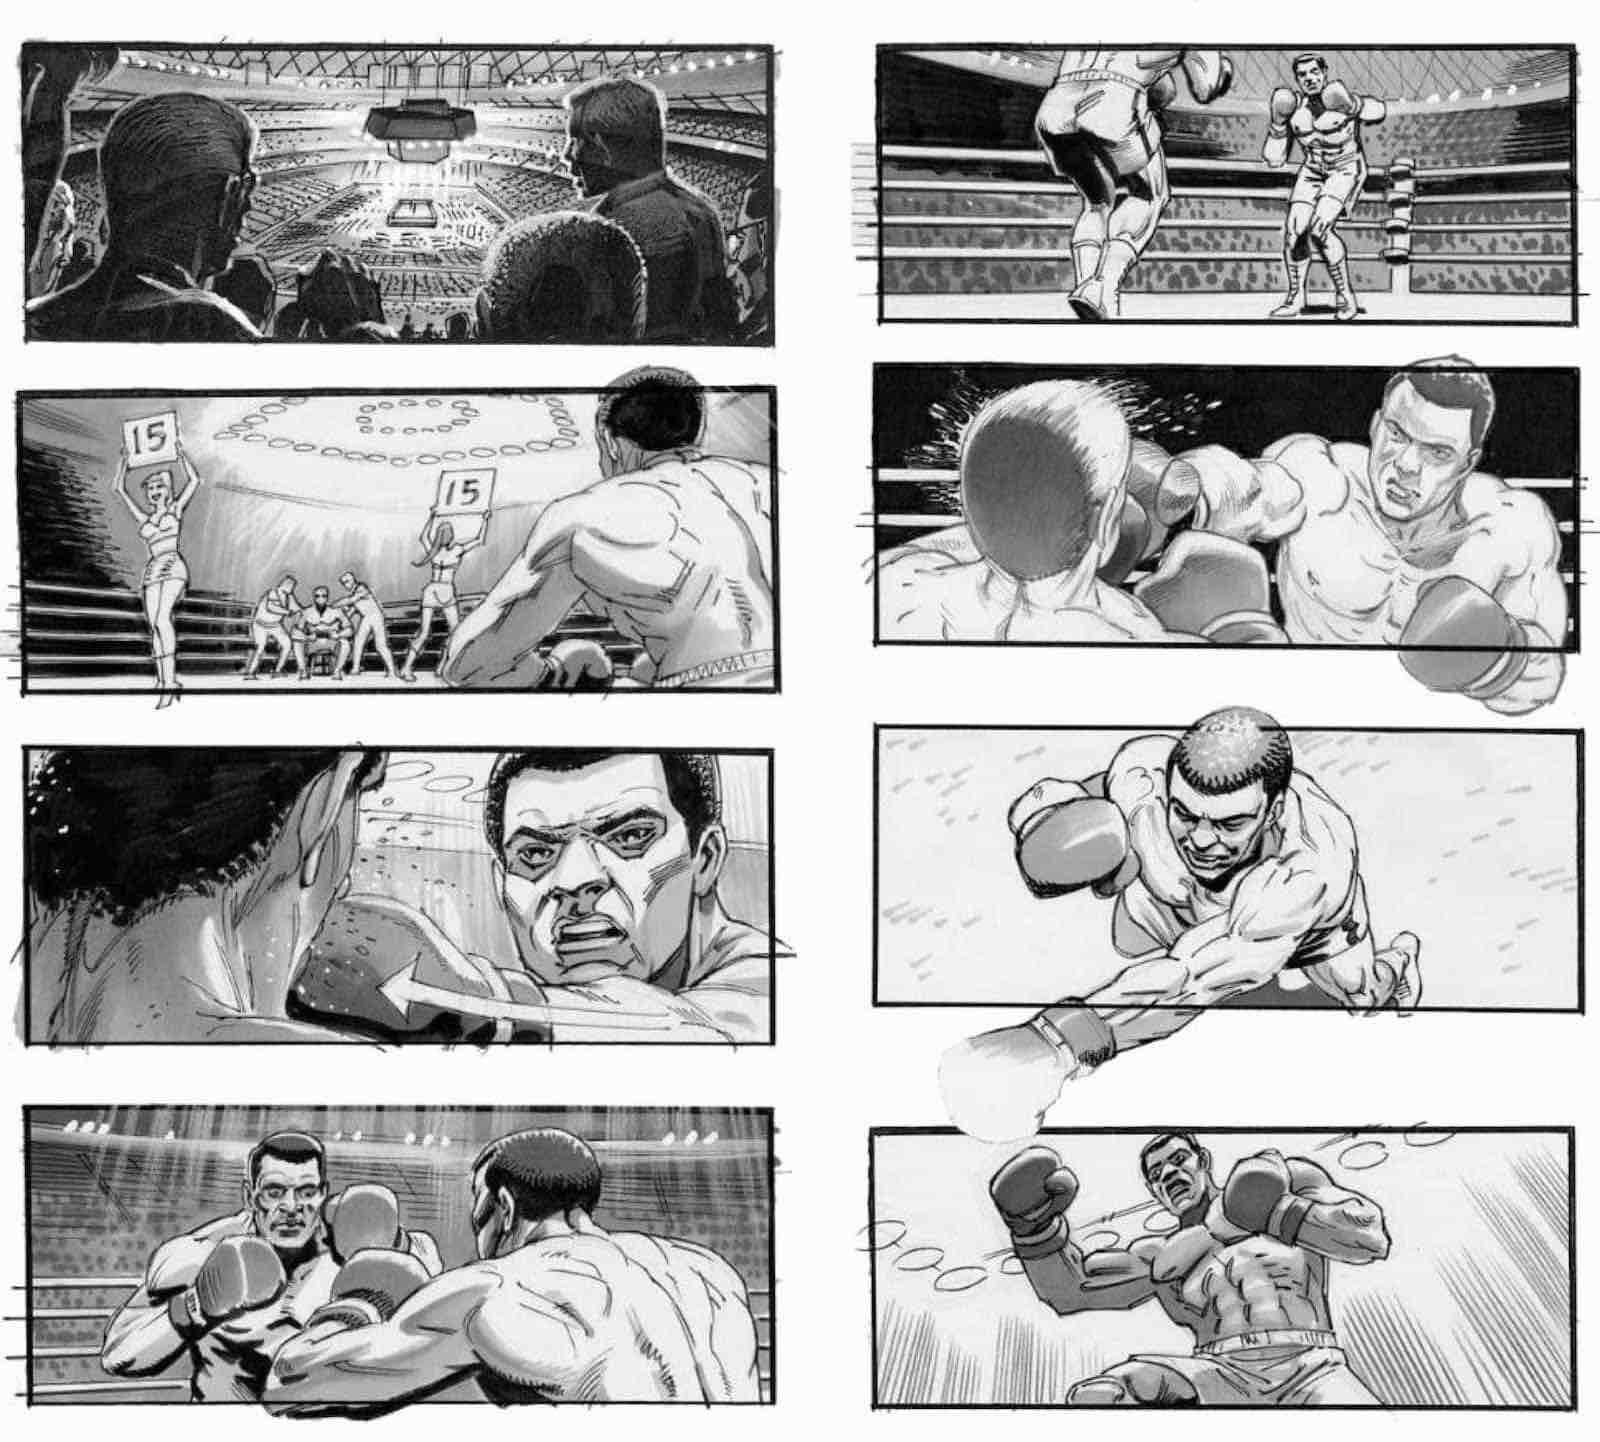 El storyboard: una herramienta de producción audiovisual | Panda Cinemático